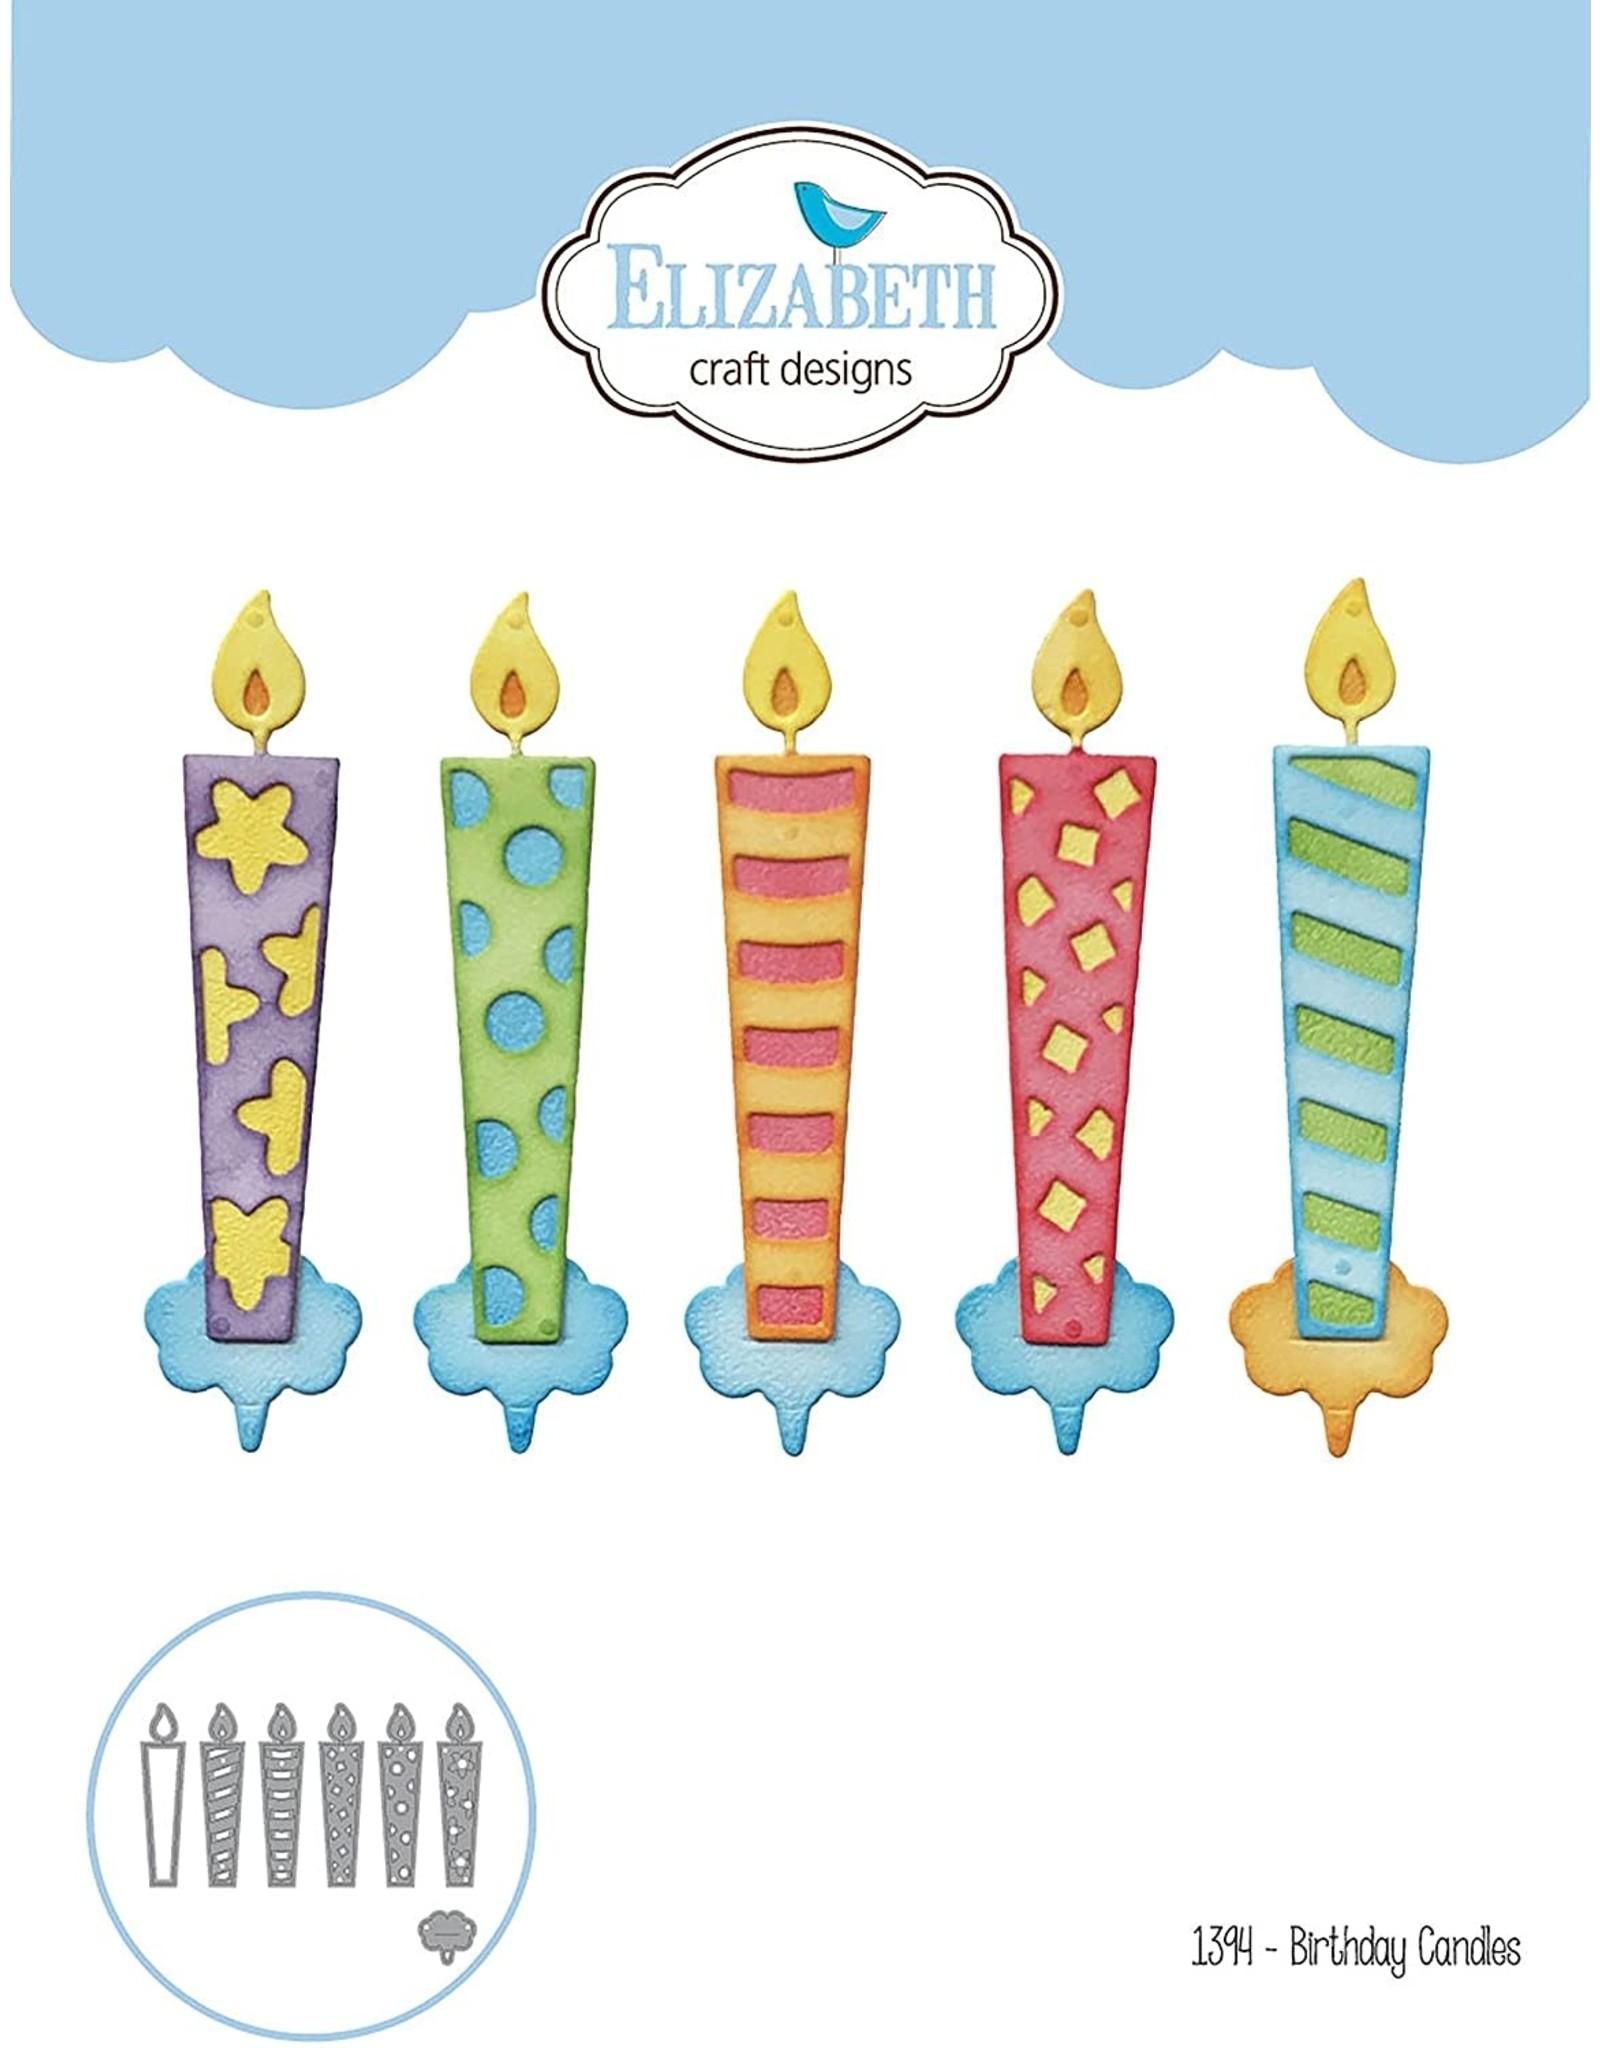 Elizabeth Craft Designs Birthday Candles - Die